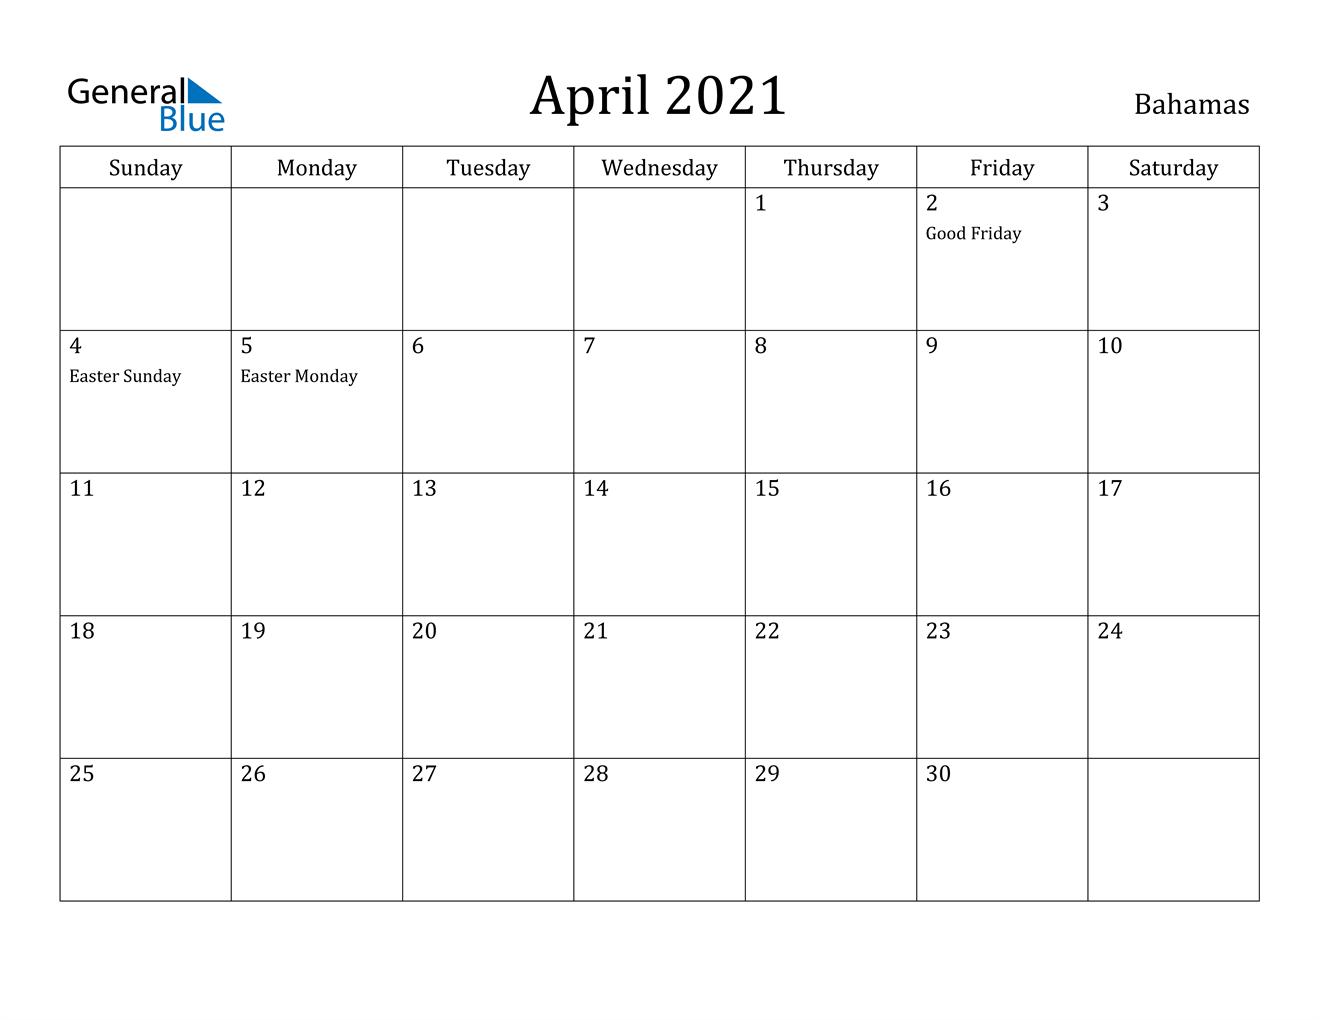 April 2021 Calendar - Bahamas